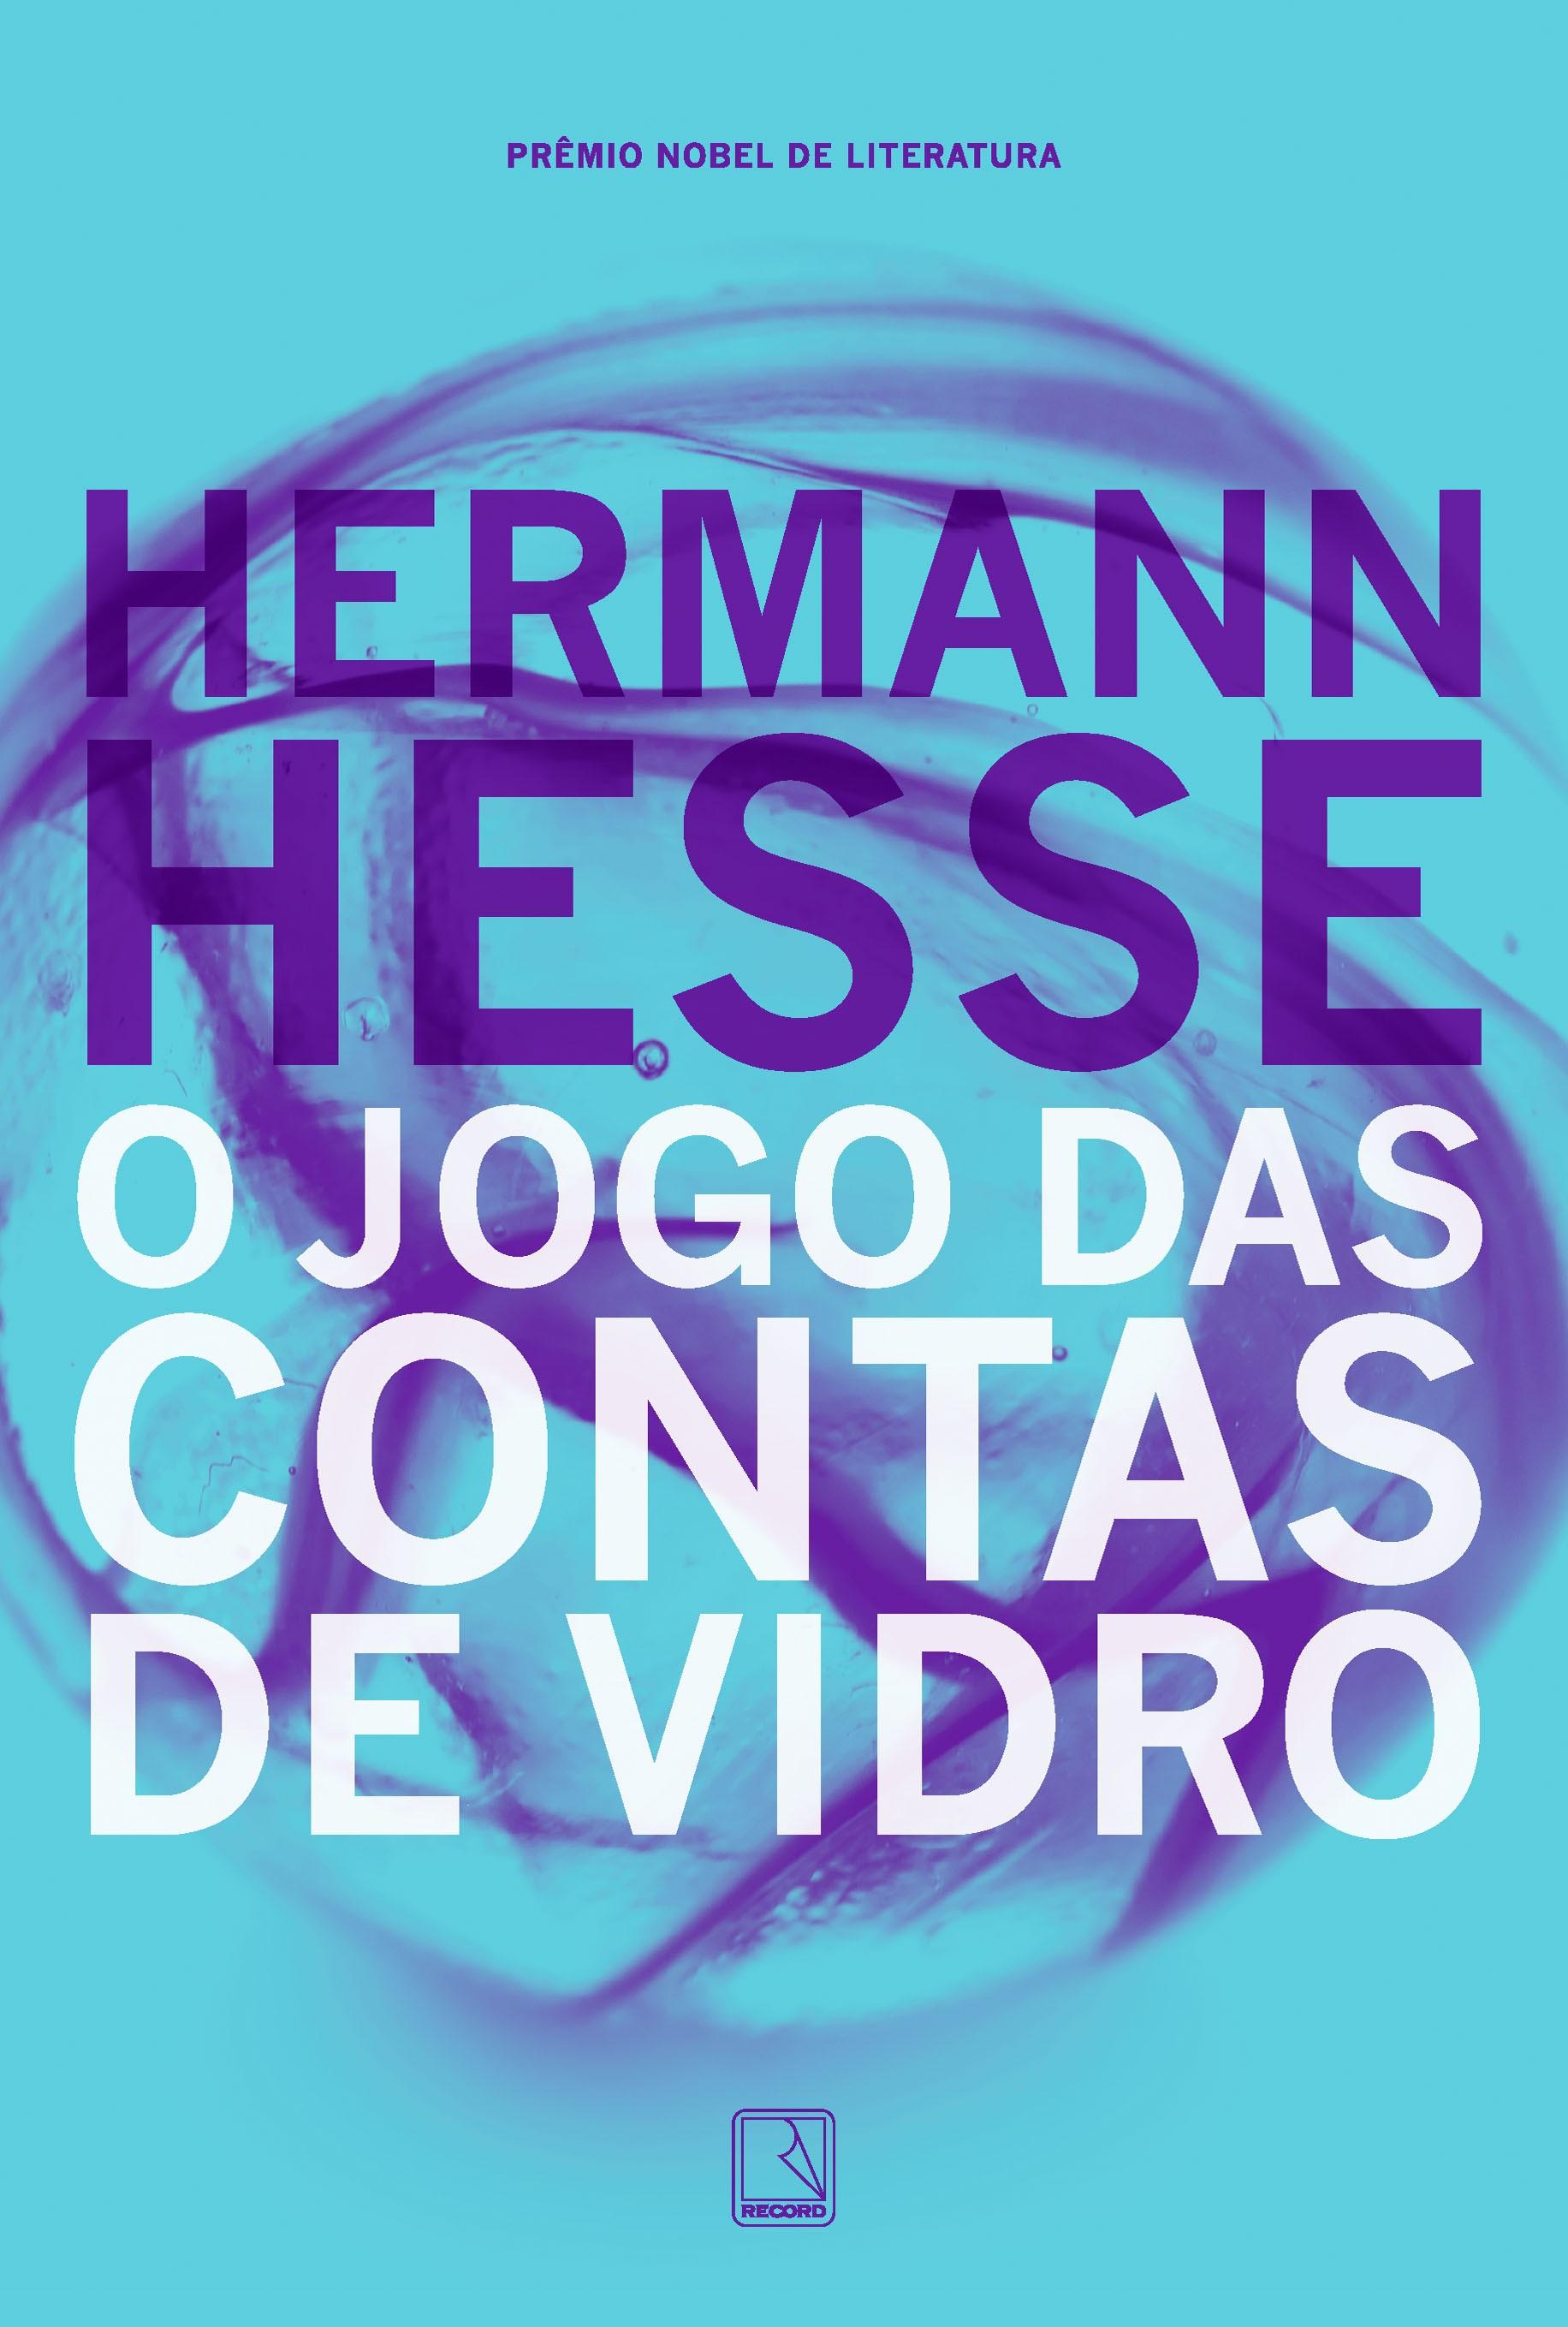 """Nova capa para """"O jogo das contas de vidro"""", de Herman Hesse (1877-1962)"""